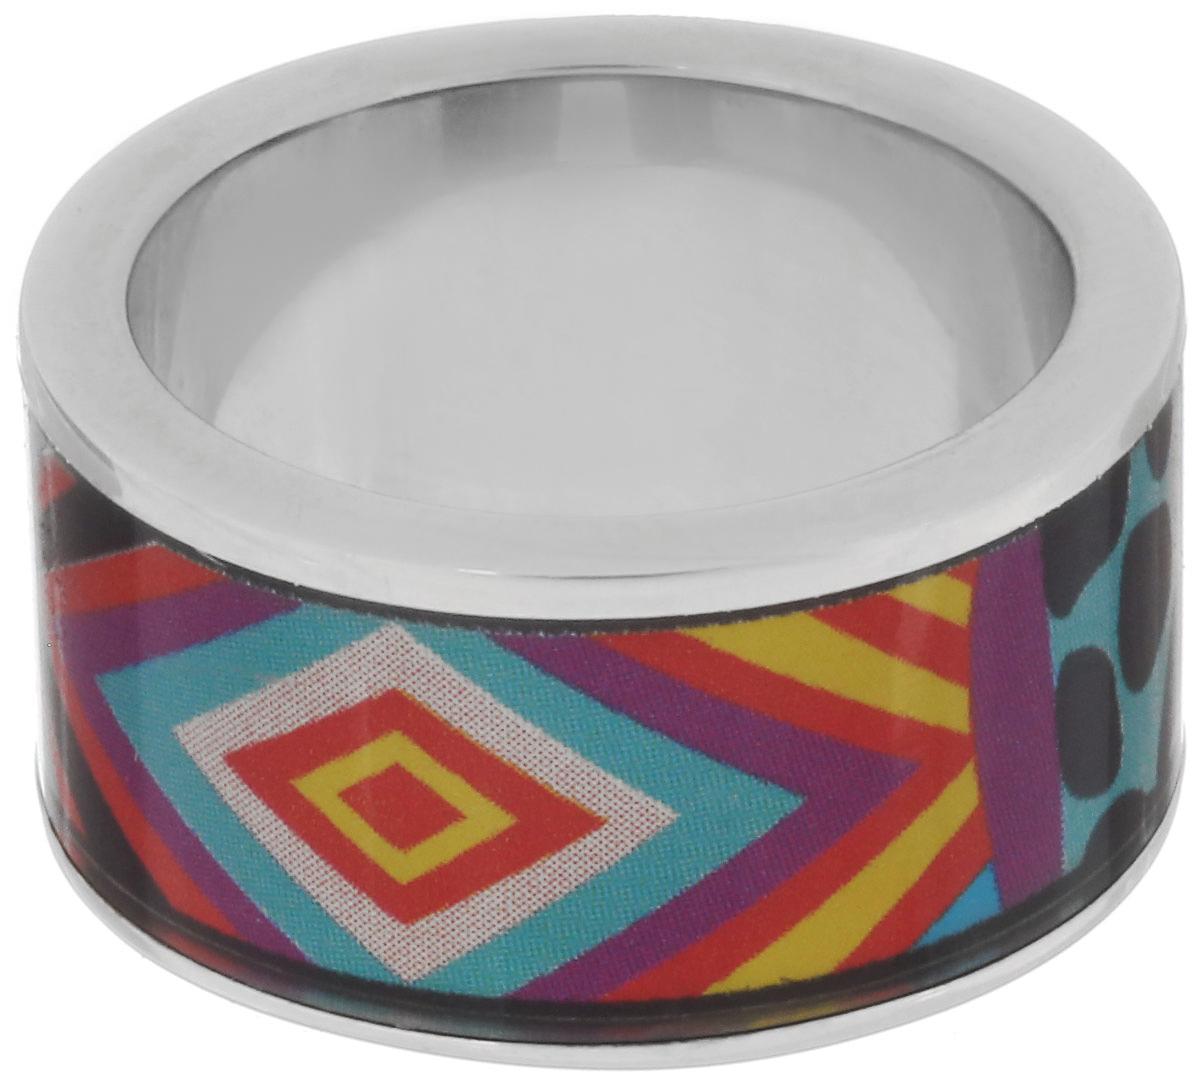 Кольцо Art-Silver, цвет: серебристый, мультиколор. ФК100-1-320. Размер 16,5Коктейльное кольцоВеликолепное кольцо Art-Silver изготовлено из бижутерного сплава. Изделие с покрытием из эмали оформлено разнообразным неповторимым орнаментом.Стильное кольцо придаст вашему образу изюминку и подчеркнет индивидуальность.